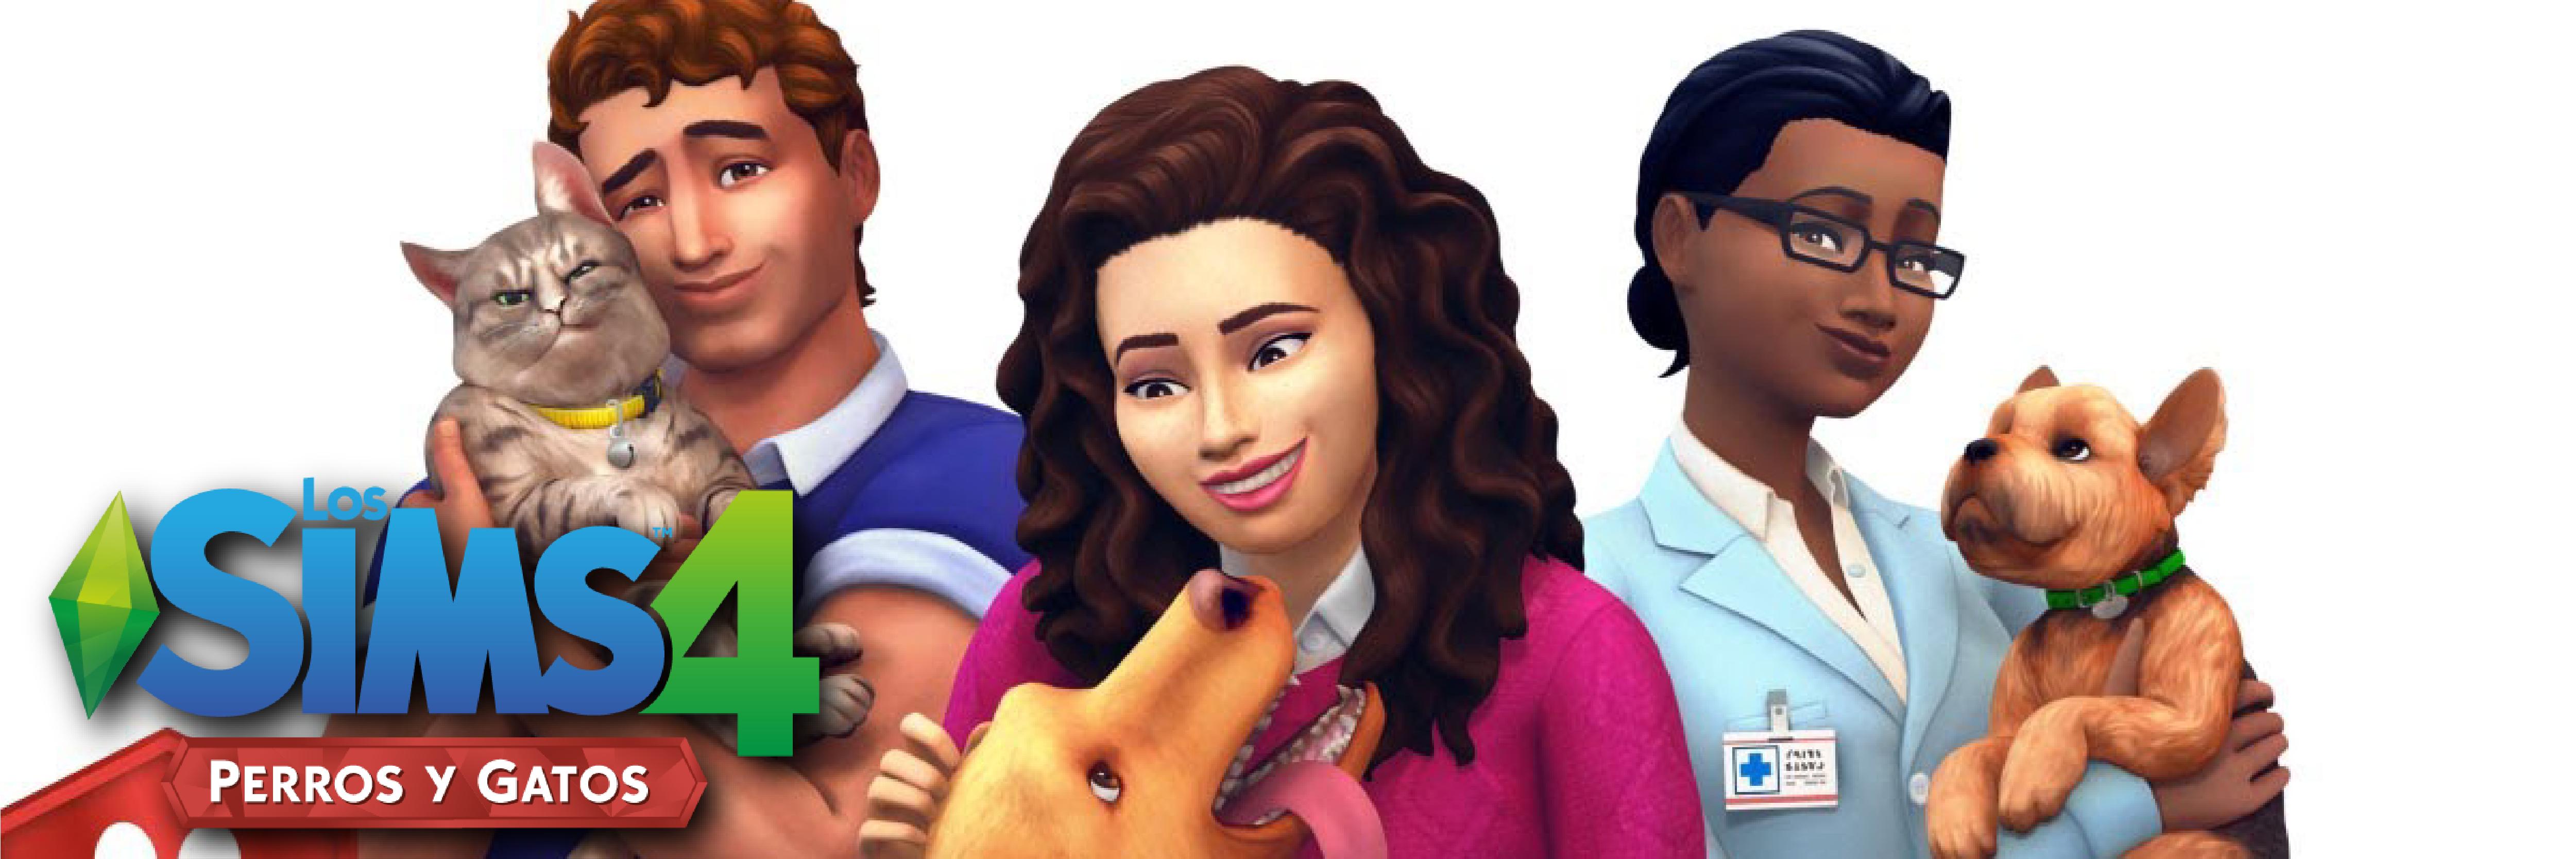 Los Sims 4 Perros y gatos: la aventura peluda